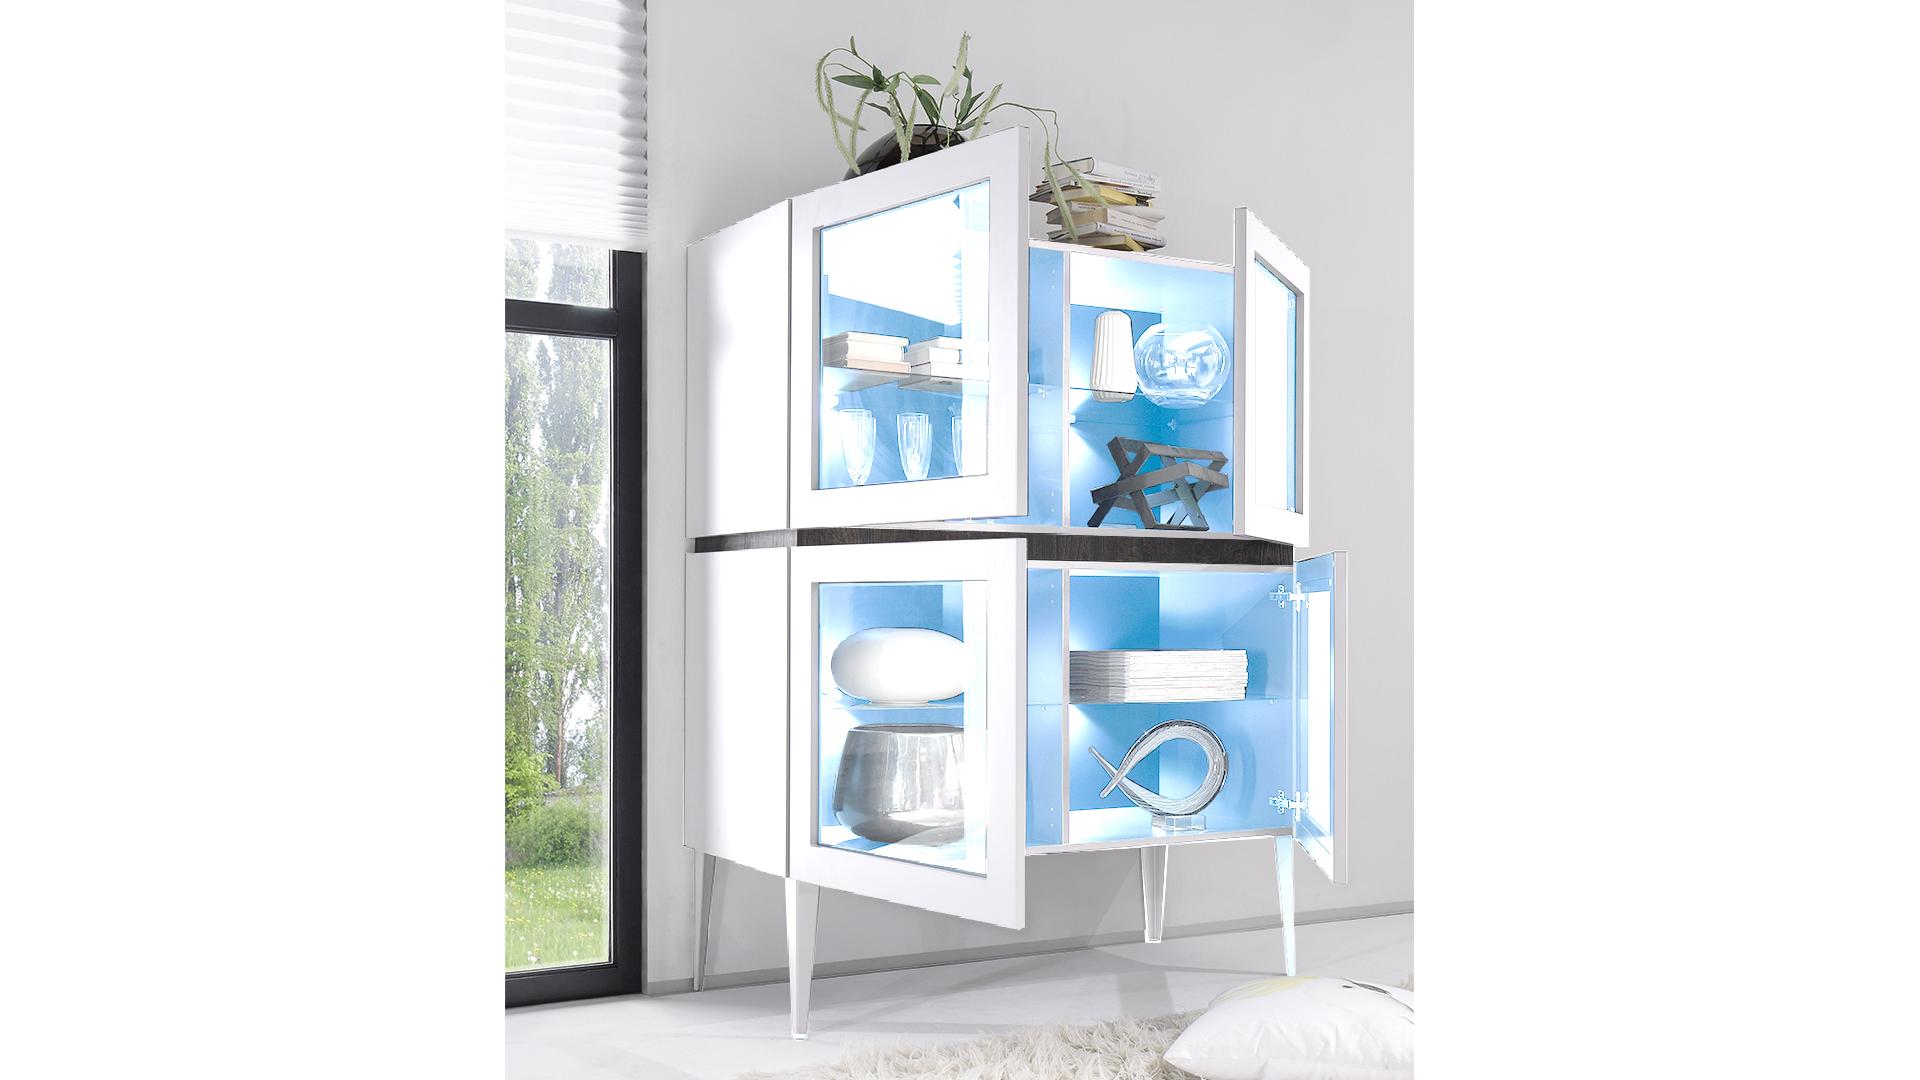 rangement 4portes vitrees sur pieds laque mat blanc b galatik mobiliermoss le blog mobilier moss. Black Bedroom Furniture Sets. Home Design Ideas